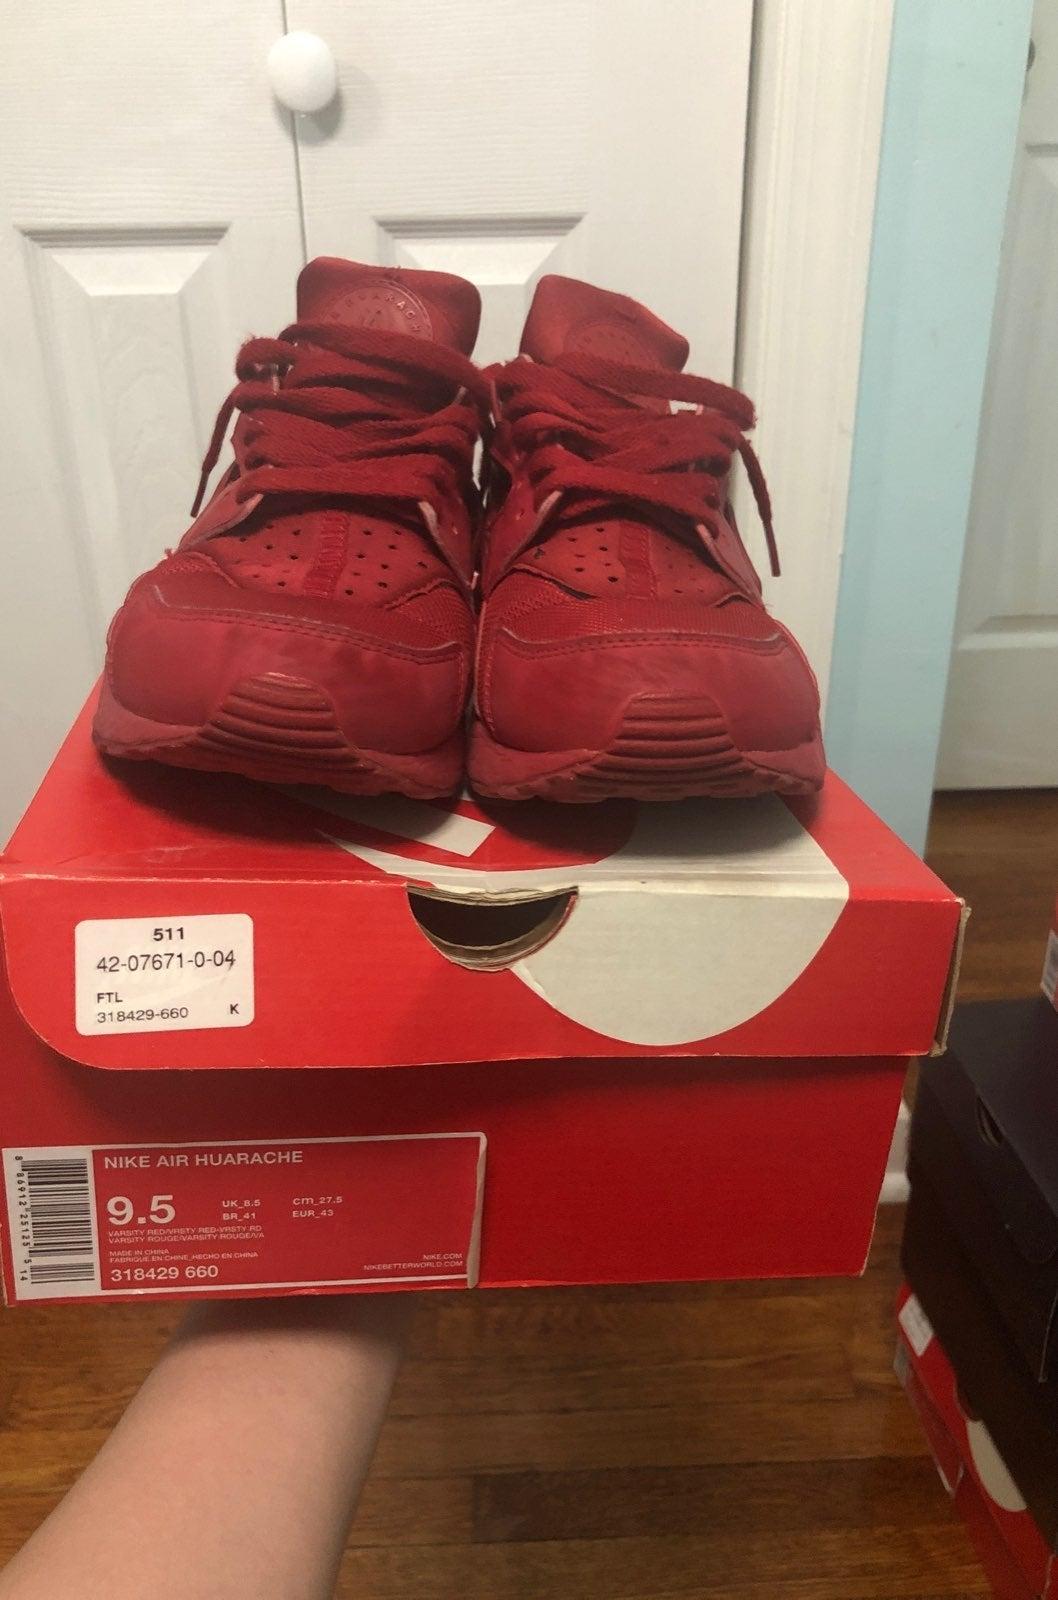 Nike Air Huarache Varsity Red/Varsity Re